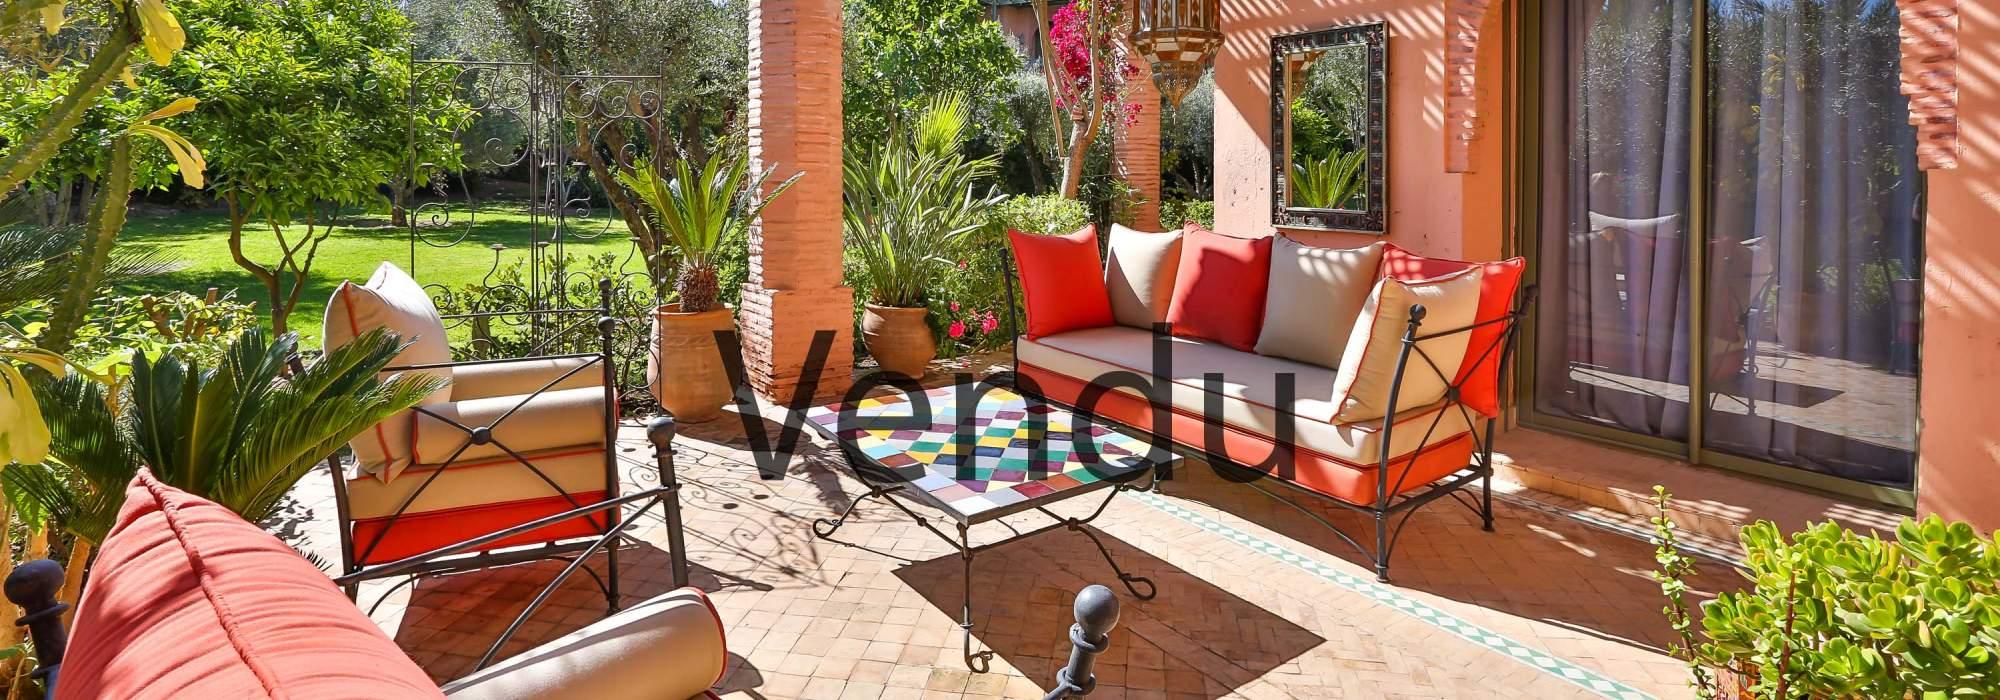 vente appartement contemporain marrakech palmeraie